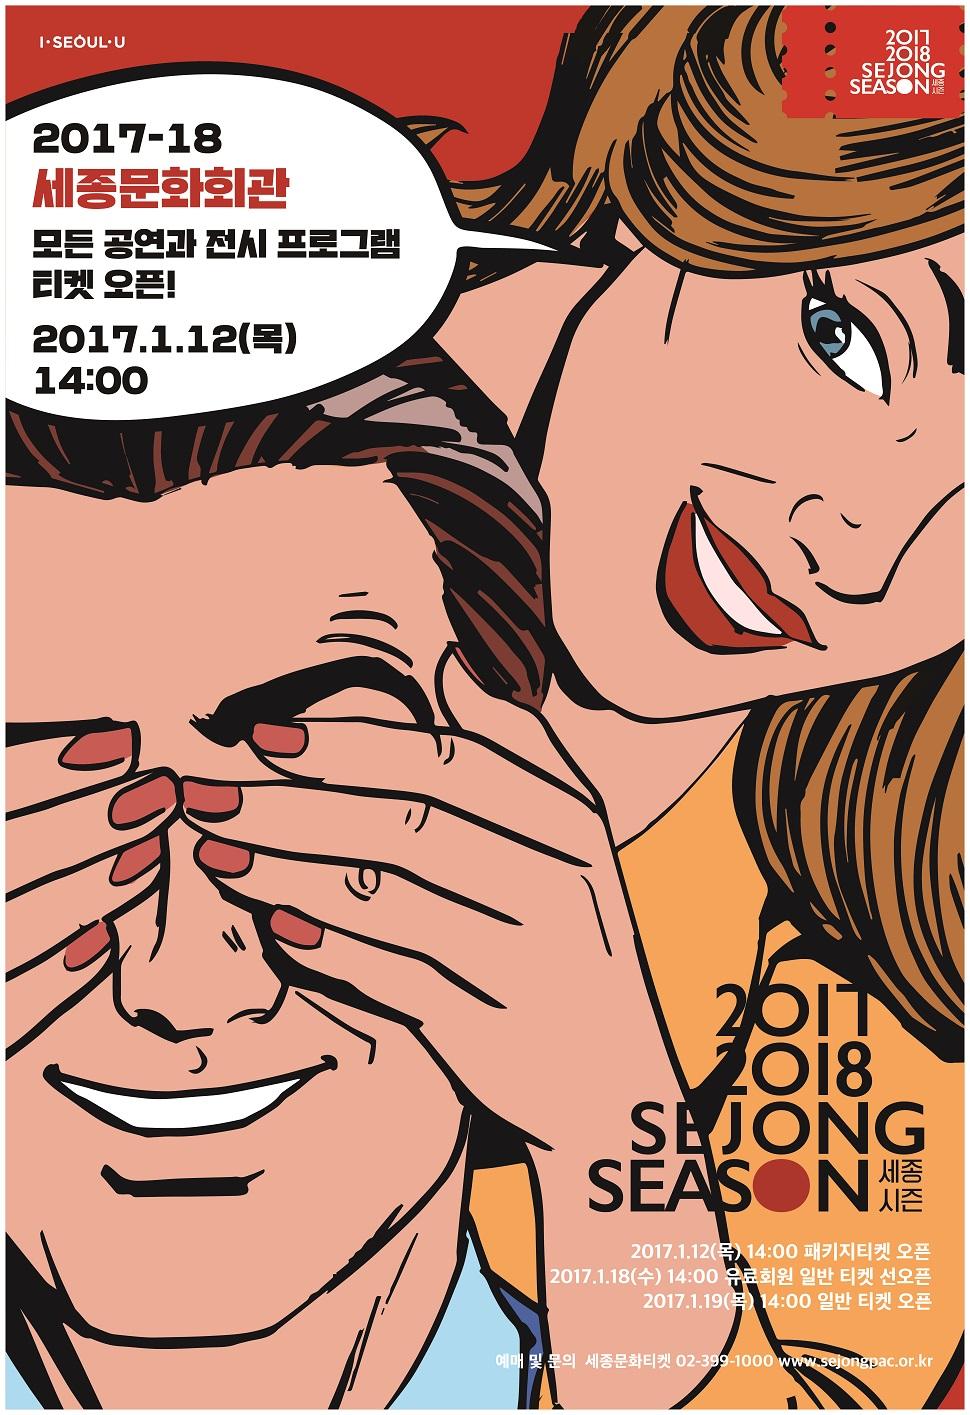 세종시즌 포스터3